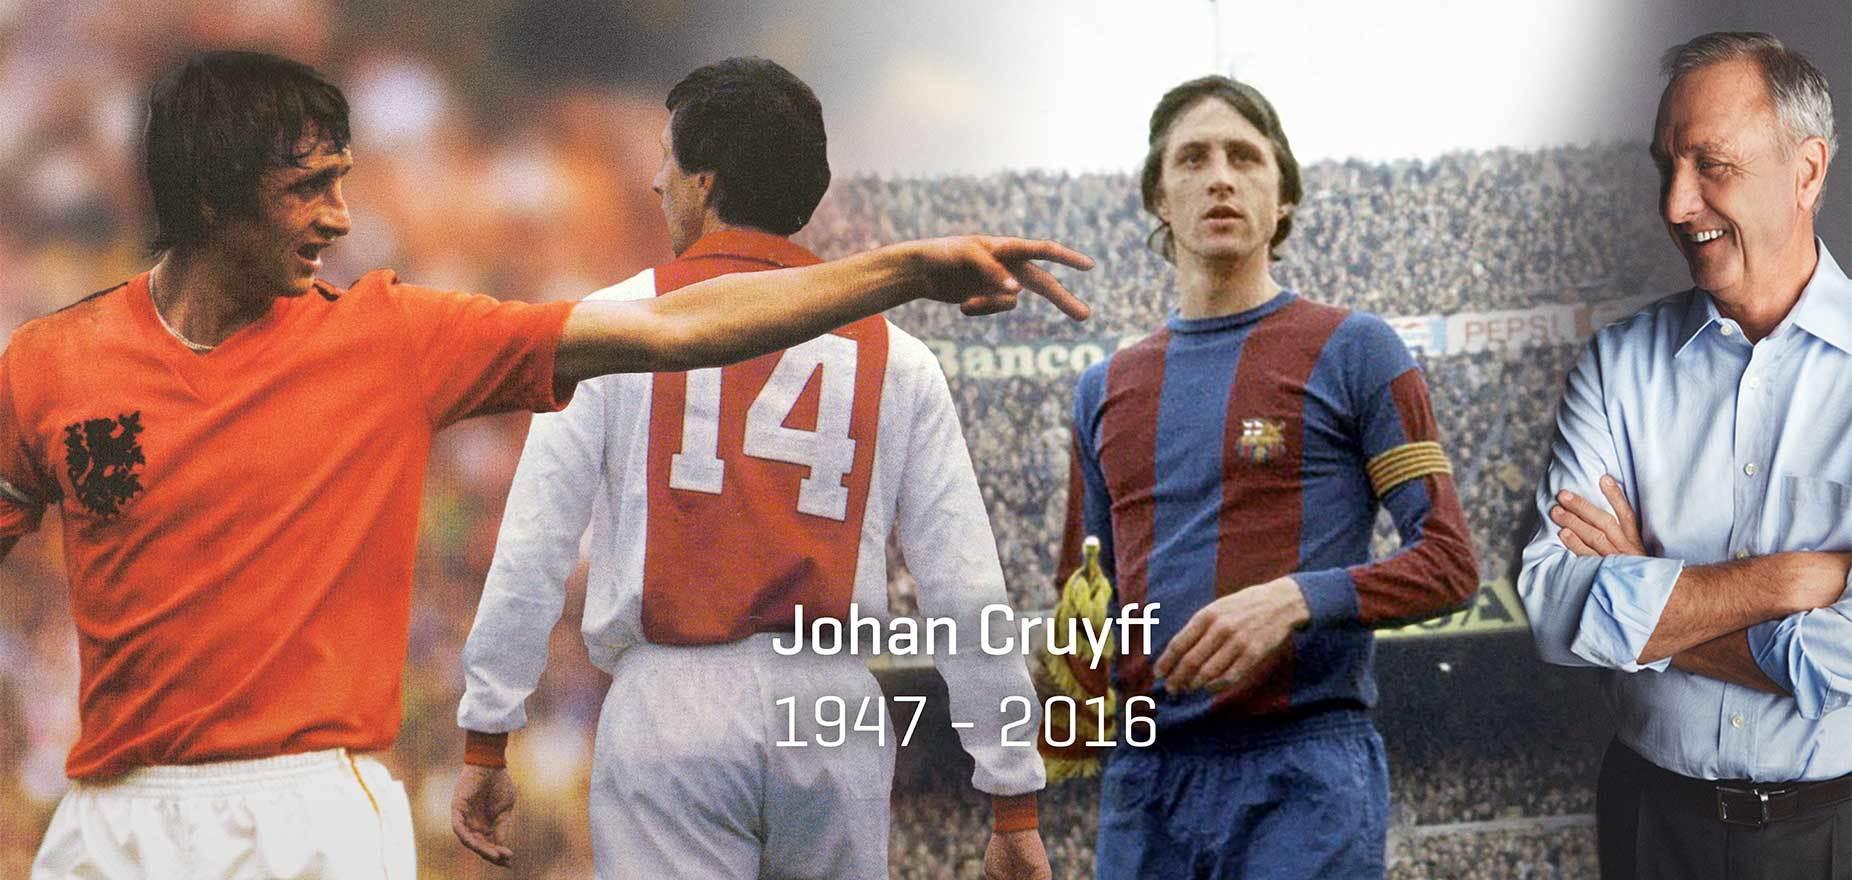 Johan Cruyff và những giá trị của một thiên tài